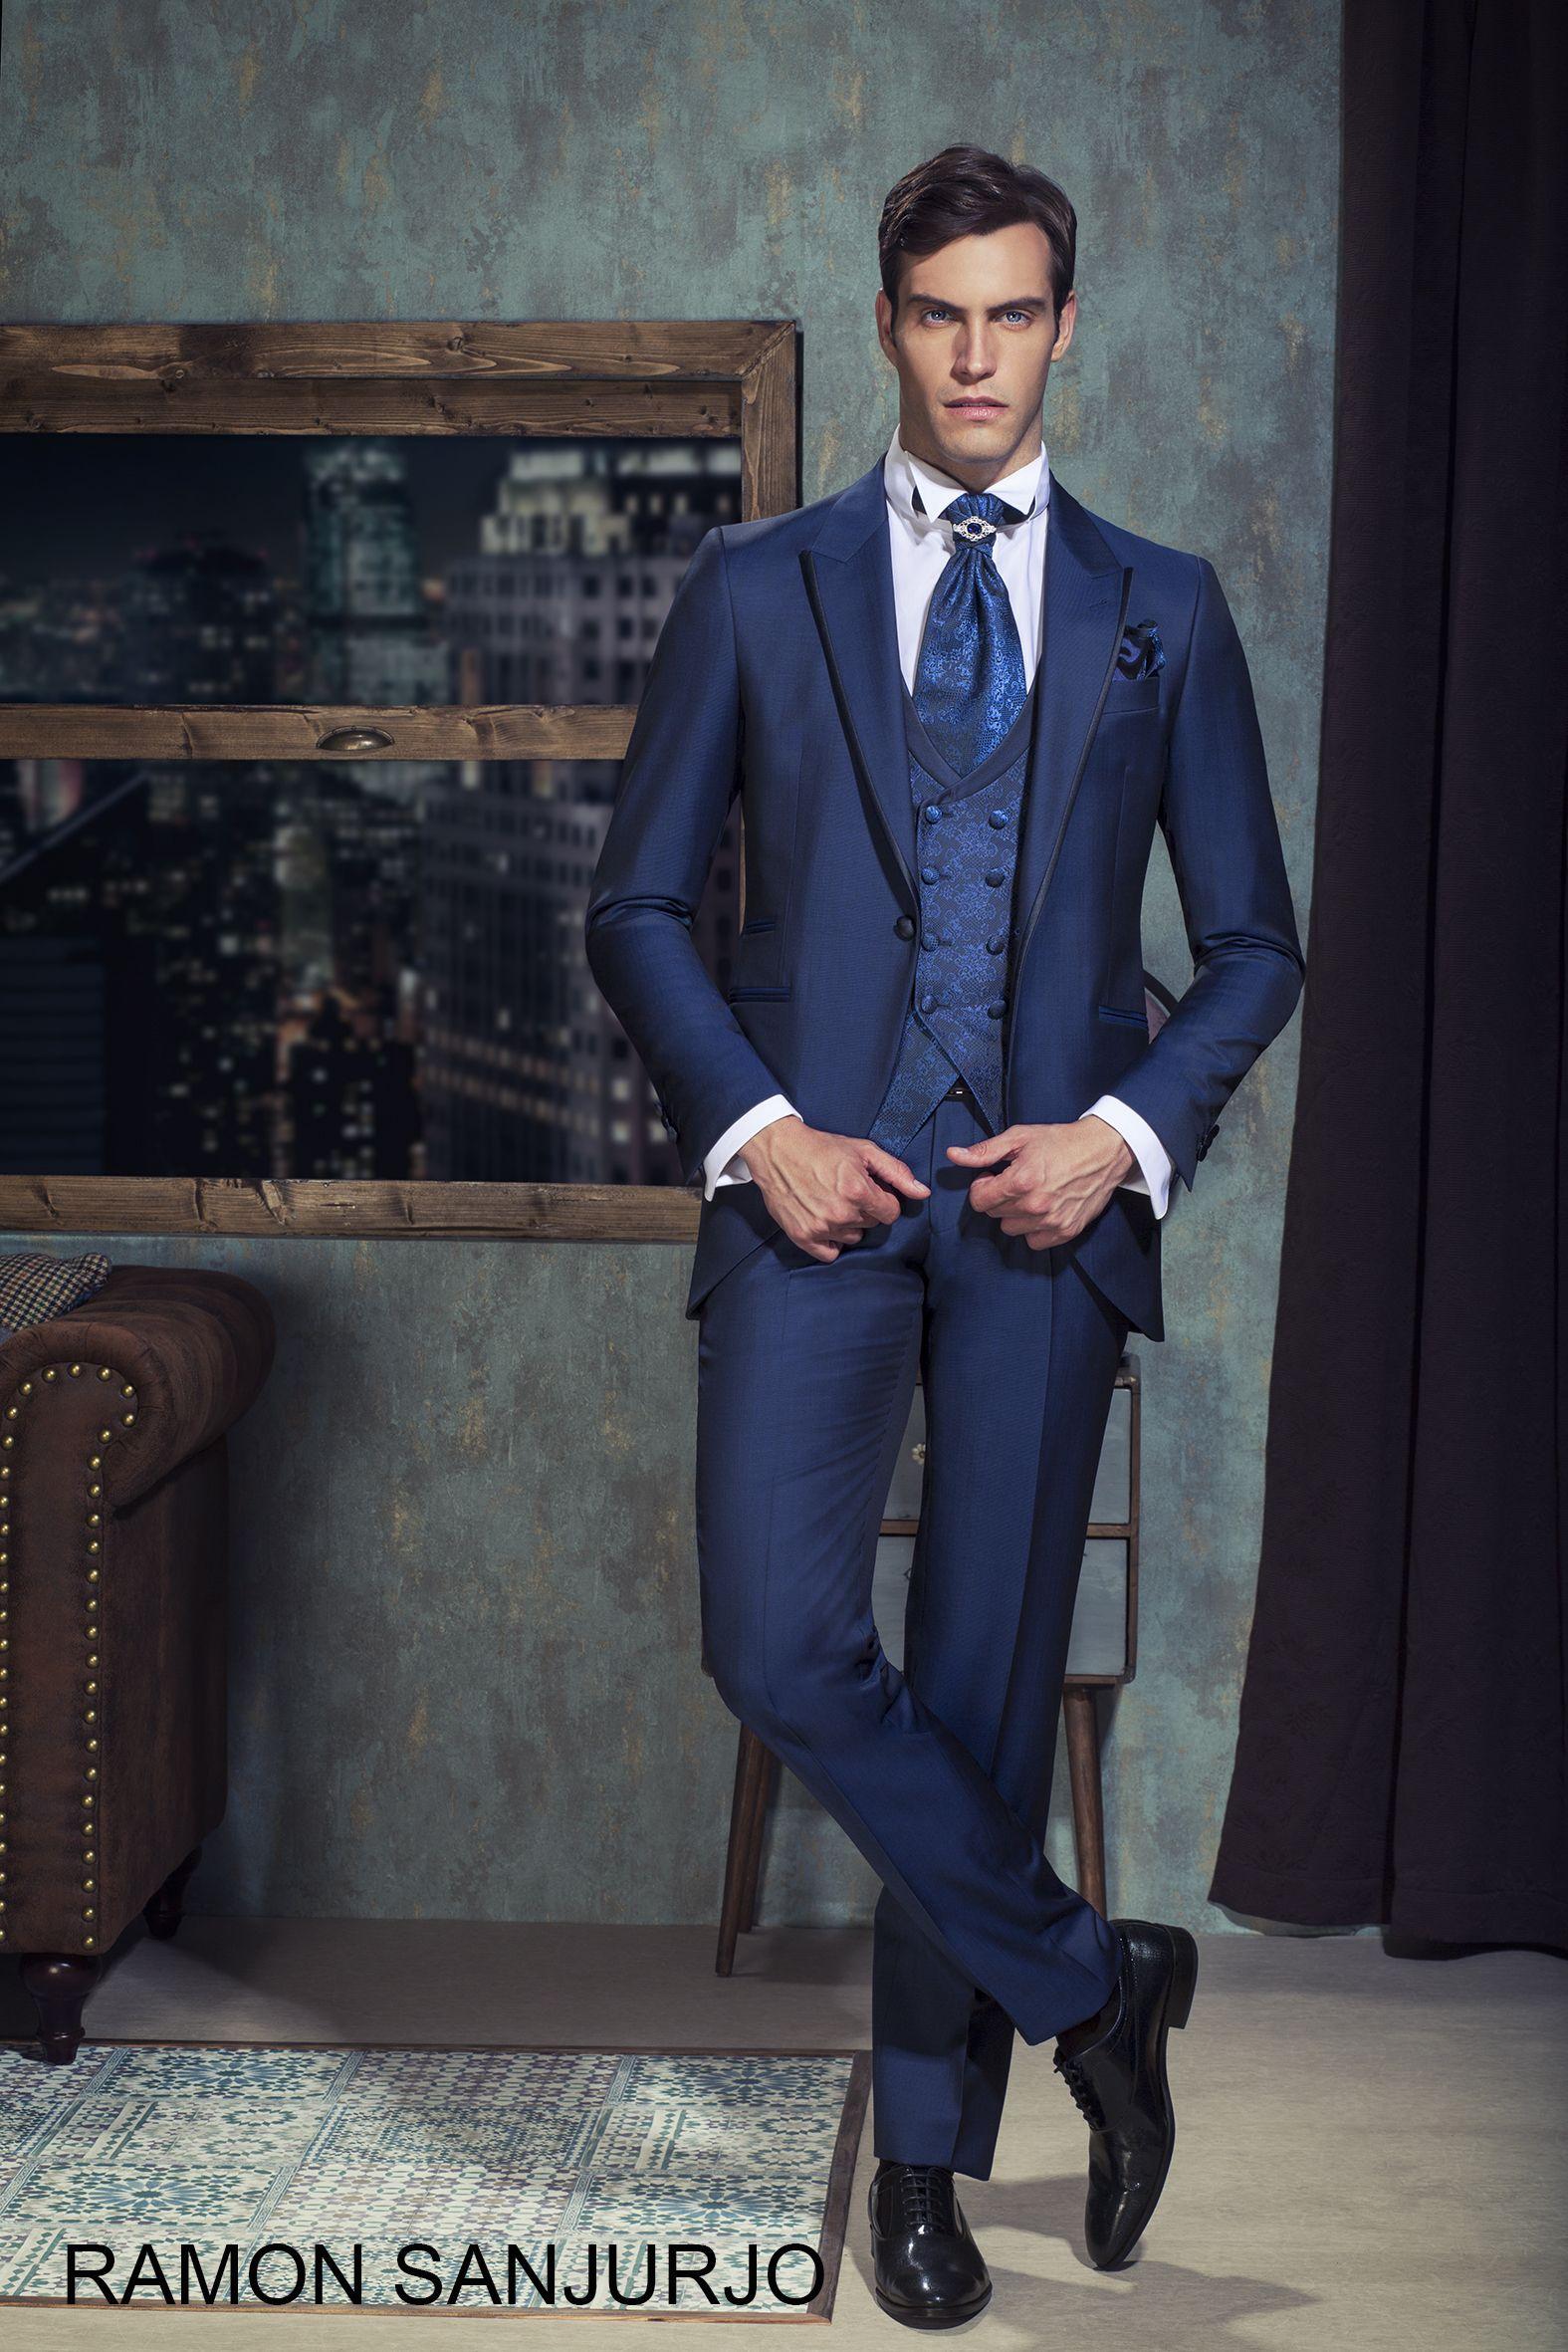 60% barato diferentemente grandes ofertas en moda Ceremonia 2018. Ramón Sanjurjo Moda nupcial para hombre. Trajes